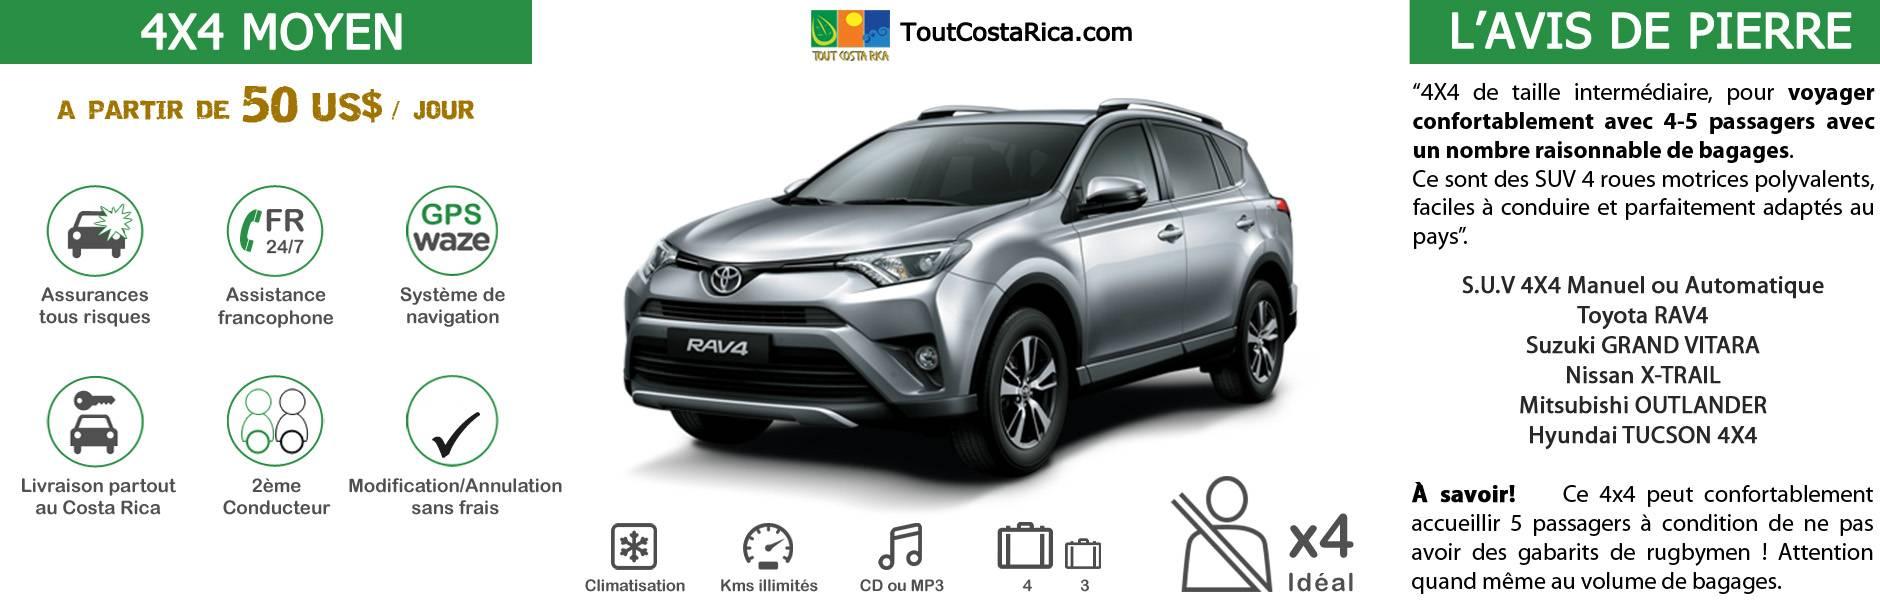 Location voiture 4x4 CLASSE 4 Costa Rica Toyota RAV-4 / Kia Sportage / Suzuki Grand Vitara / Nissan X-trail / Ssangyong Korando / Renault Koleos 4 ADULTES A PARTIR DE 320 US$ / SEMAINE (*) MALIN: TOUT INCLUS! GPS OFFERT ! 2nD CONDUCTEUR KM ILLIMITES ASSURANCES TOUS RISQUES RESA SANS CARTE BANCAIRE ASSISTANCE 24/24 ETC (SIEGES BEBES, rehausseurs, surf…)